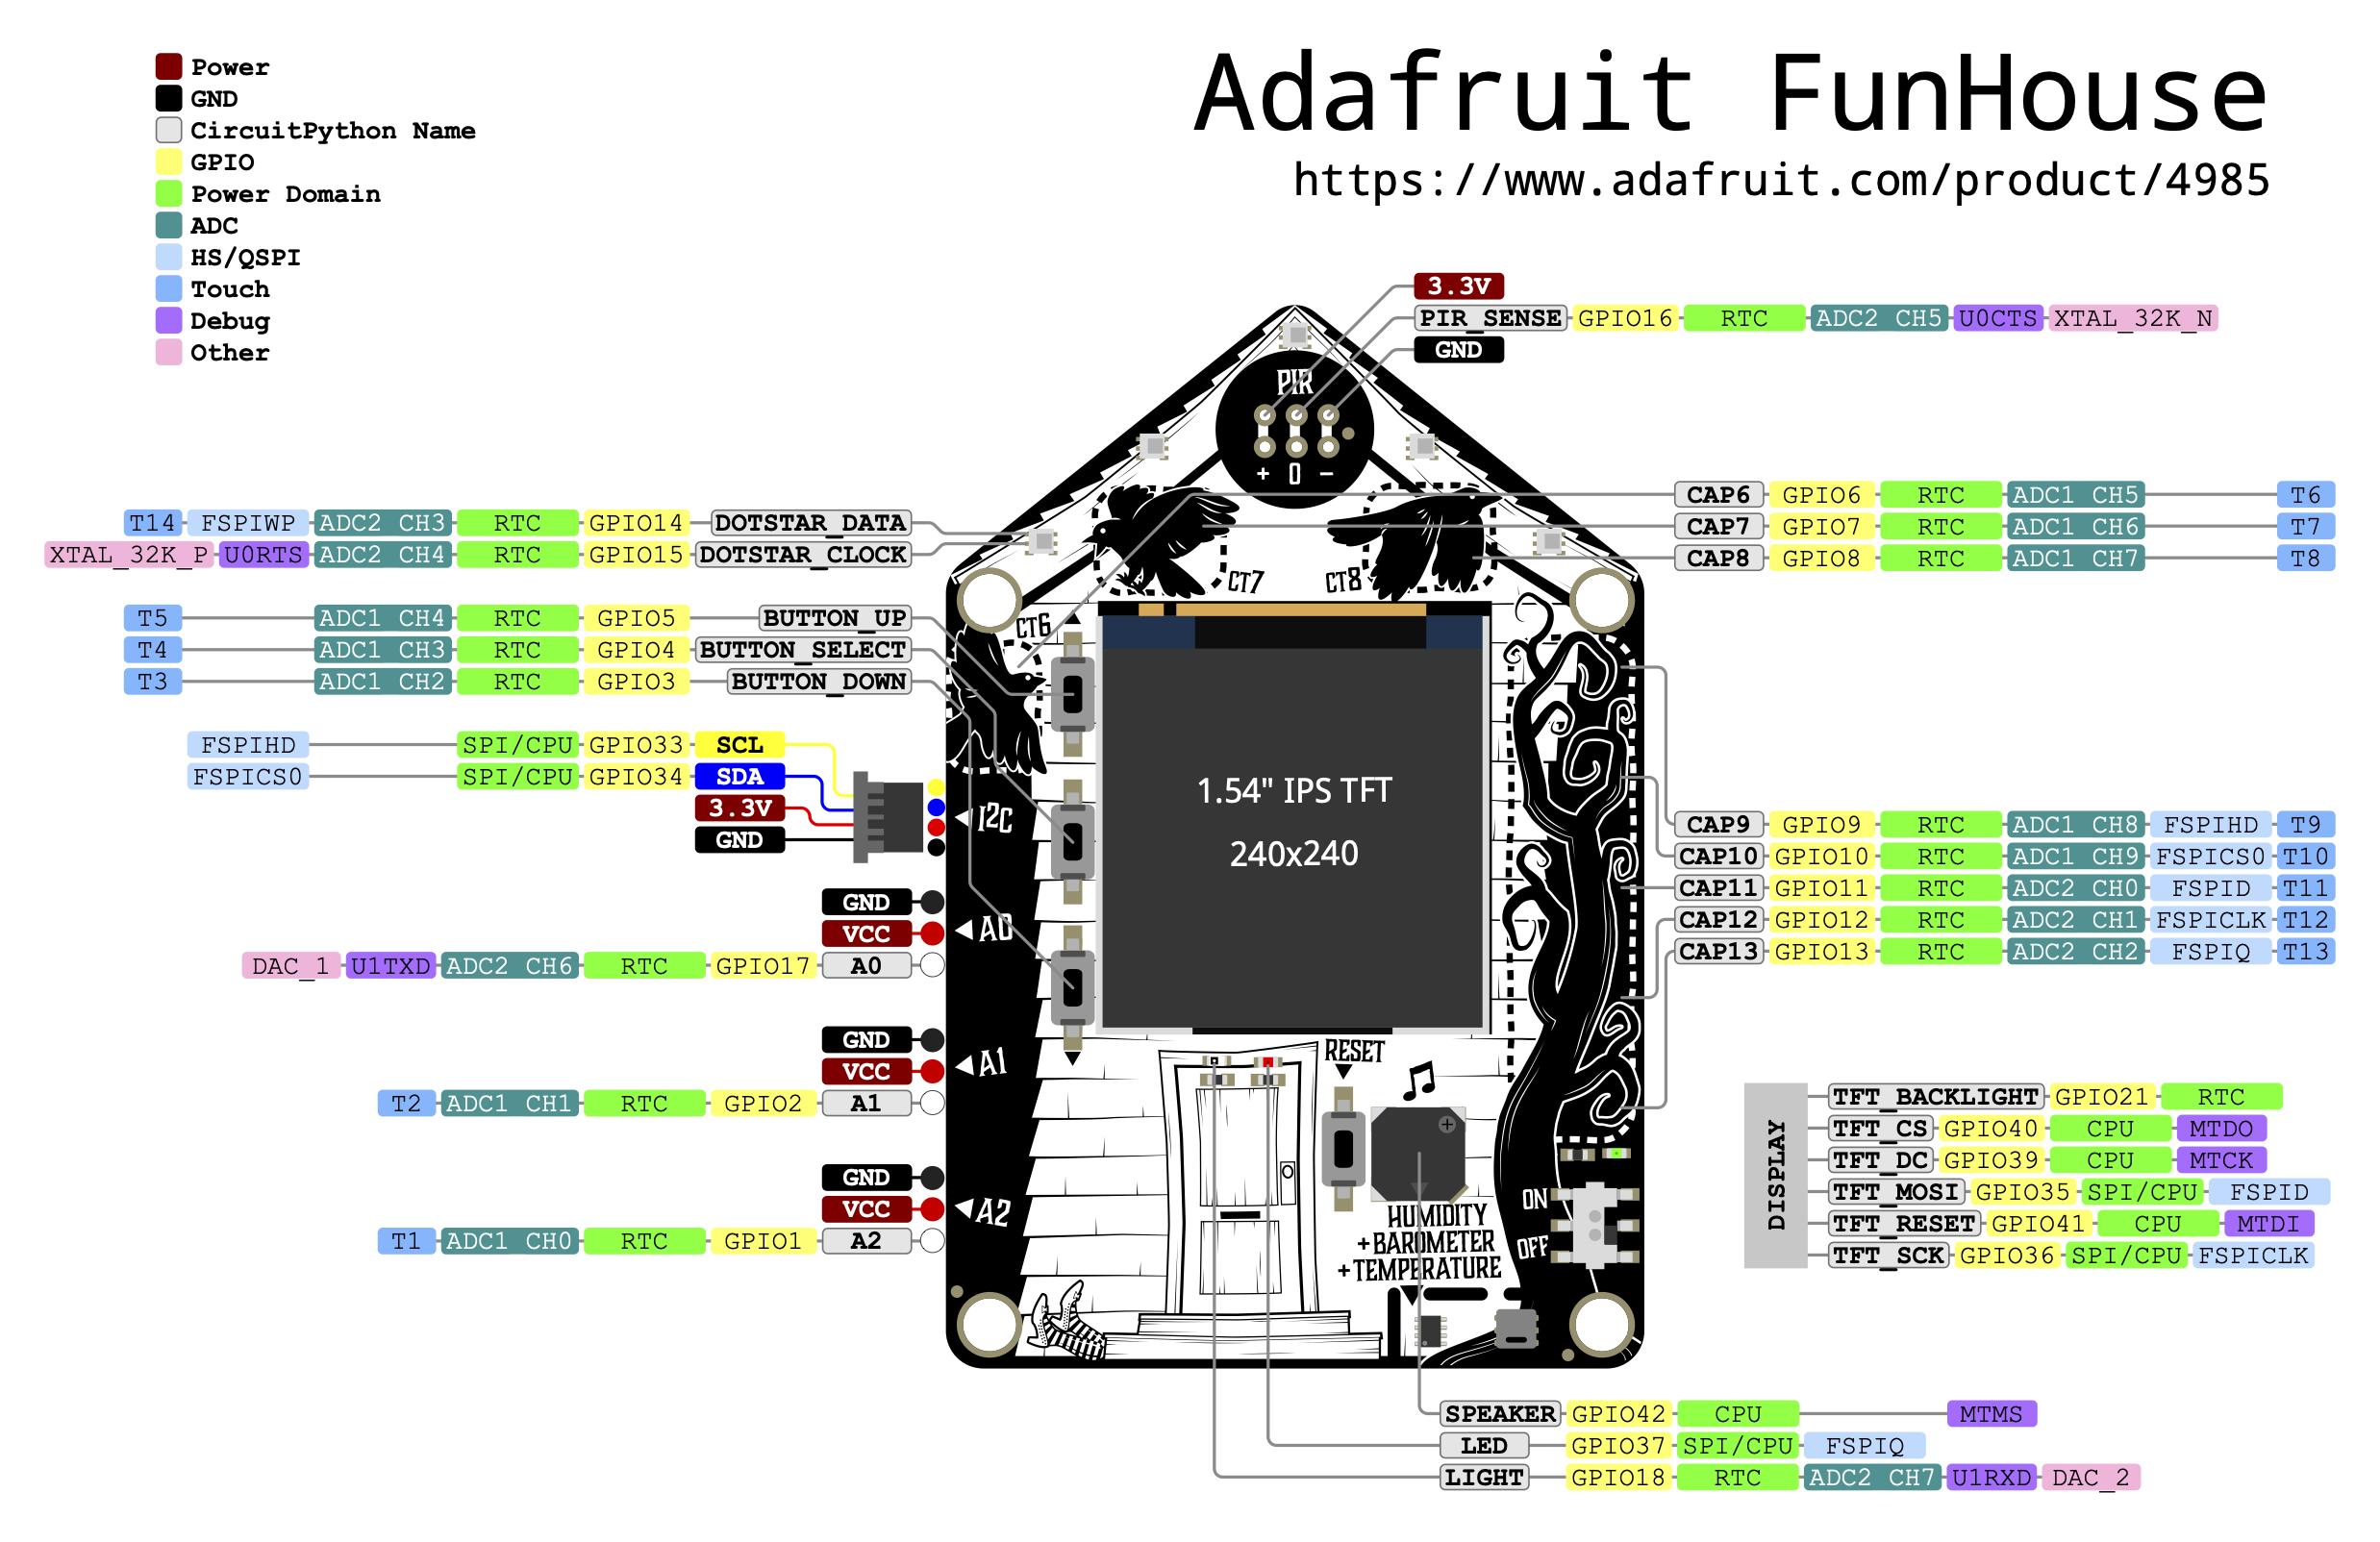 sensors_Adafruit_FunHouse_ESP32-S2_pinout.png